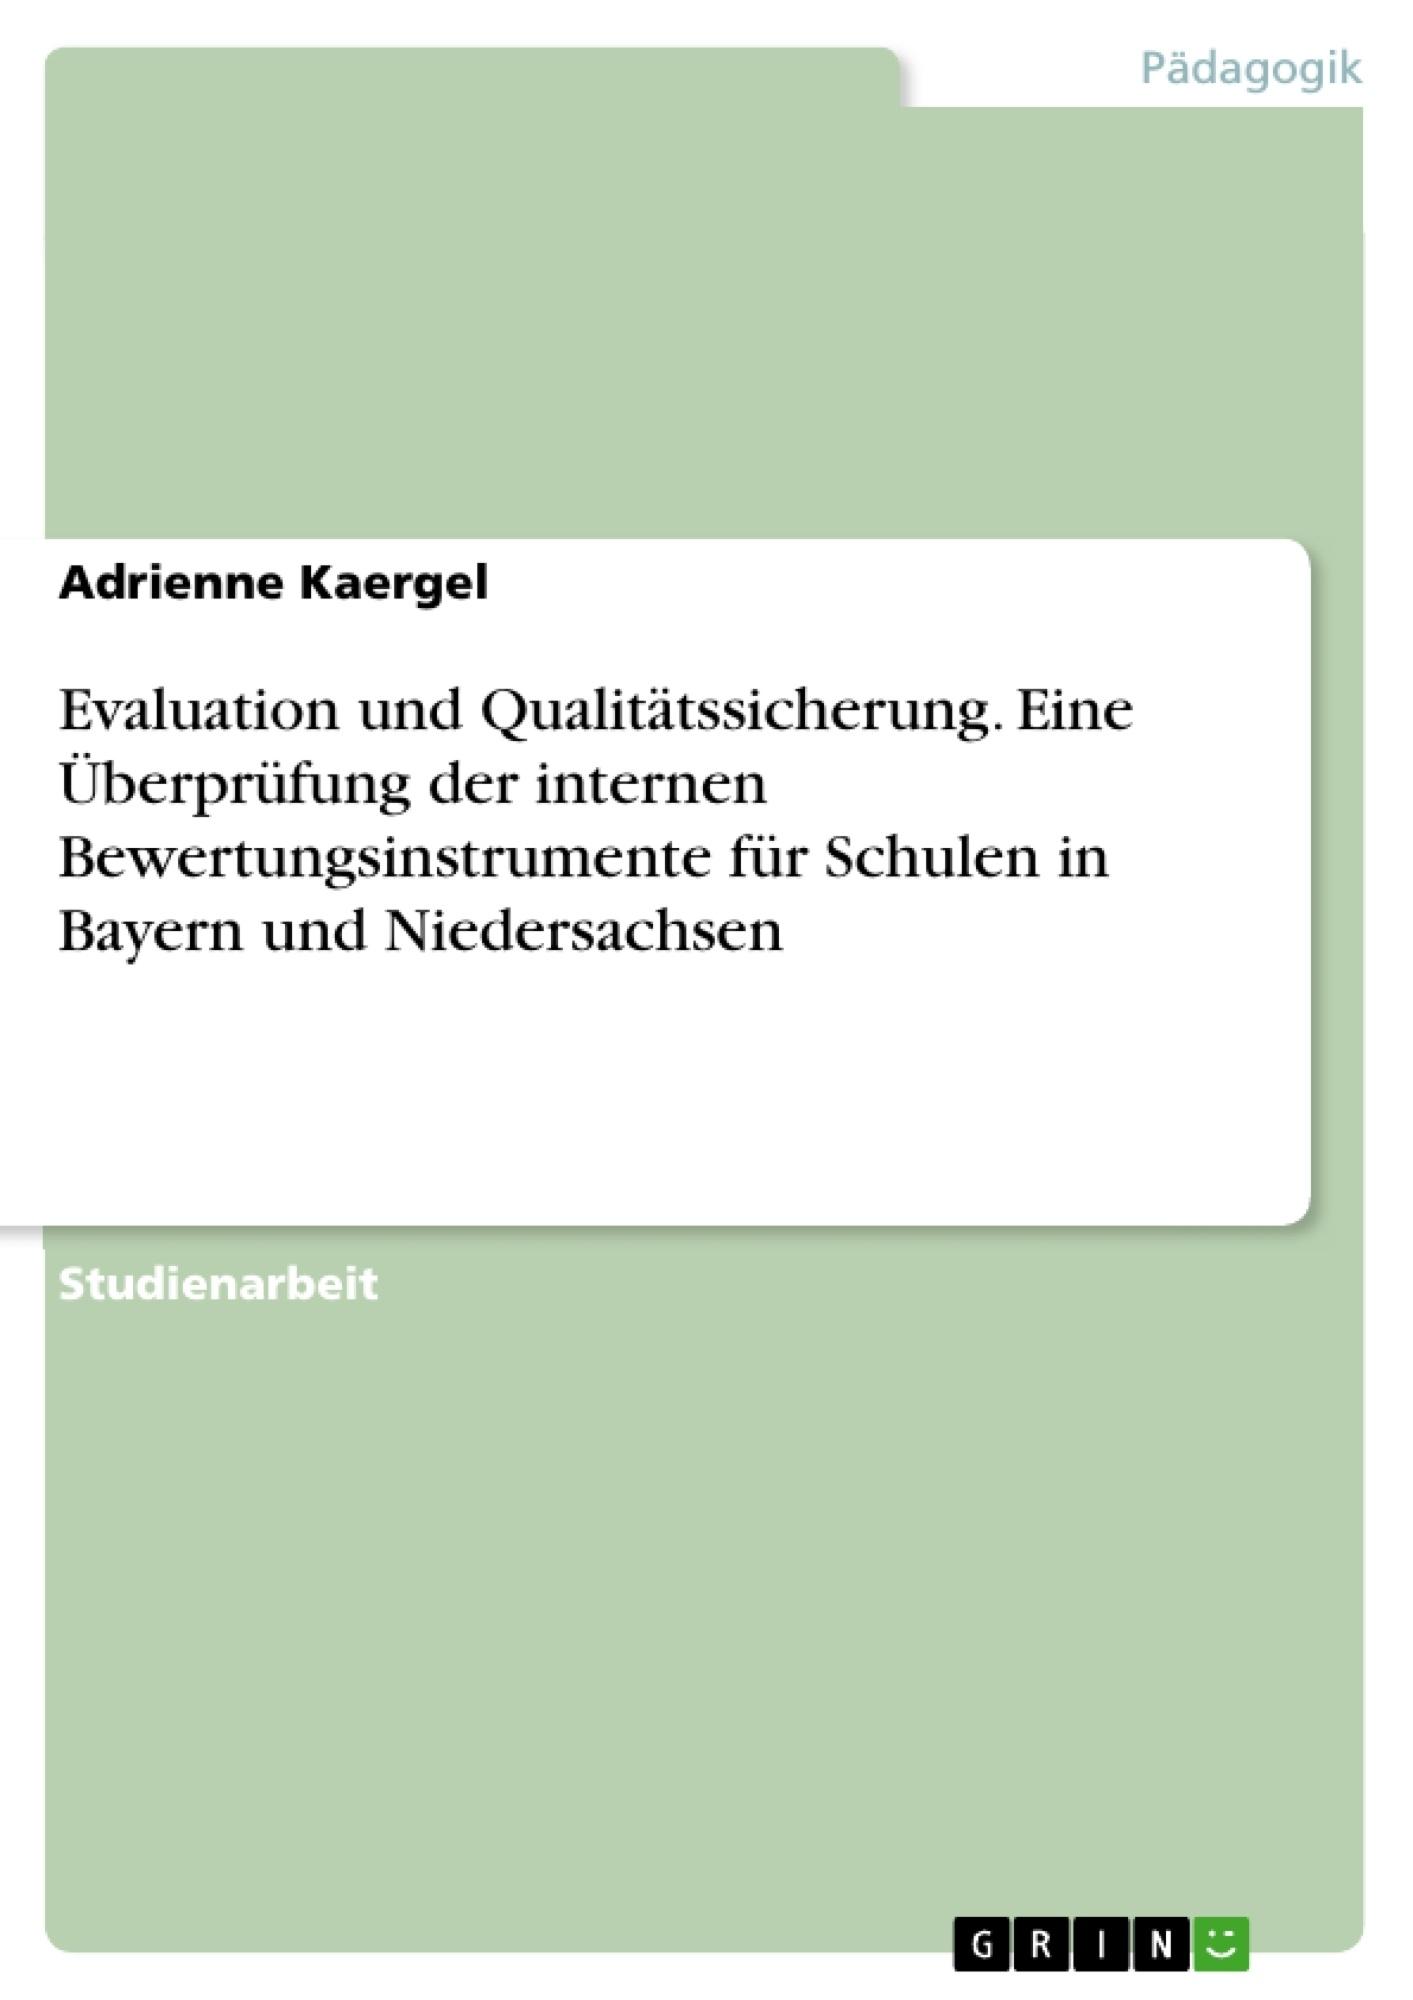 Titel: Evaluation und Qualitätssicherung. Eine Überprüfung der internen Bewertungsinstrumente für Schulen in Bayern und Niedersachsen